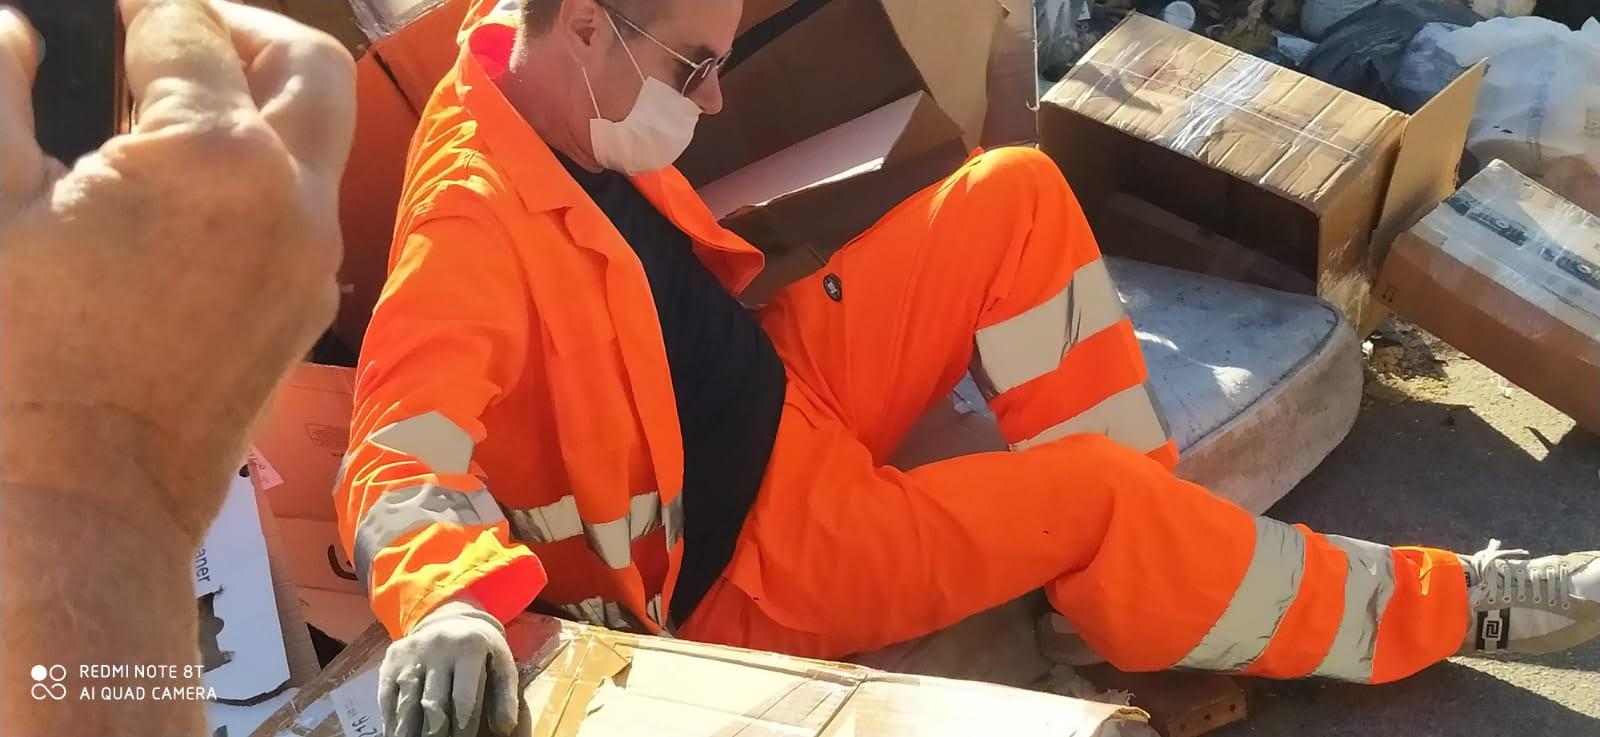 Elezioni Reggio Calabria, Klaus Davi torna a Ciccarello e San Sperato e s'immerge nei rifiuti